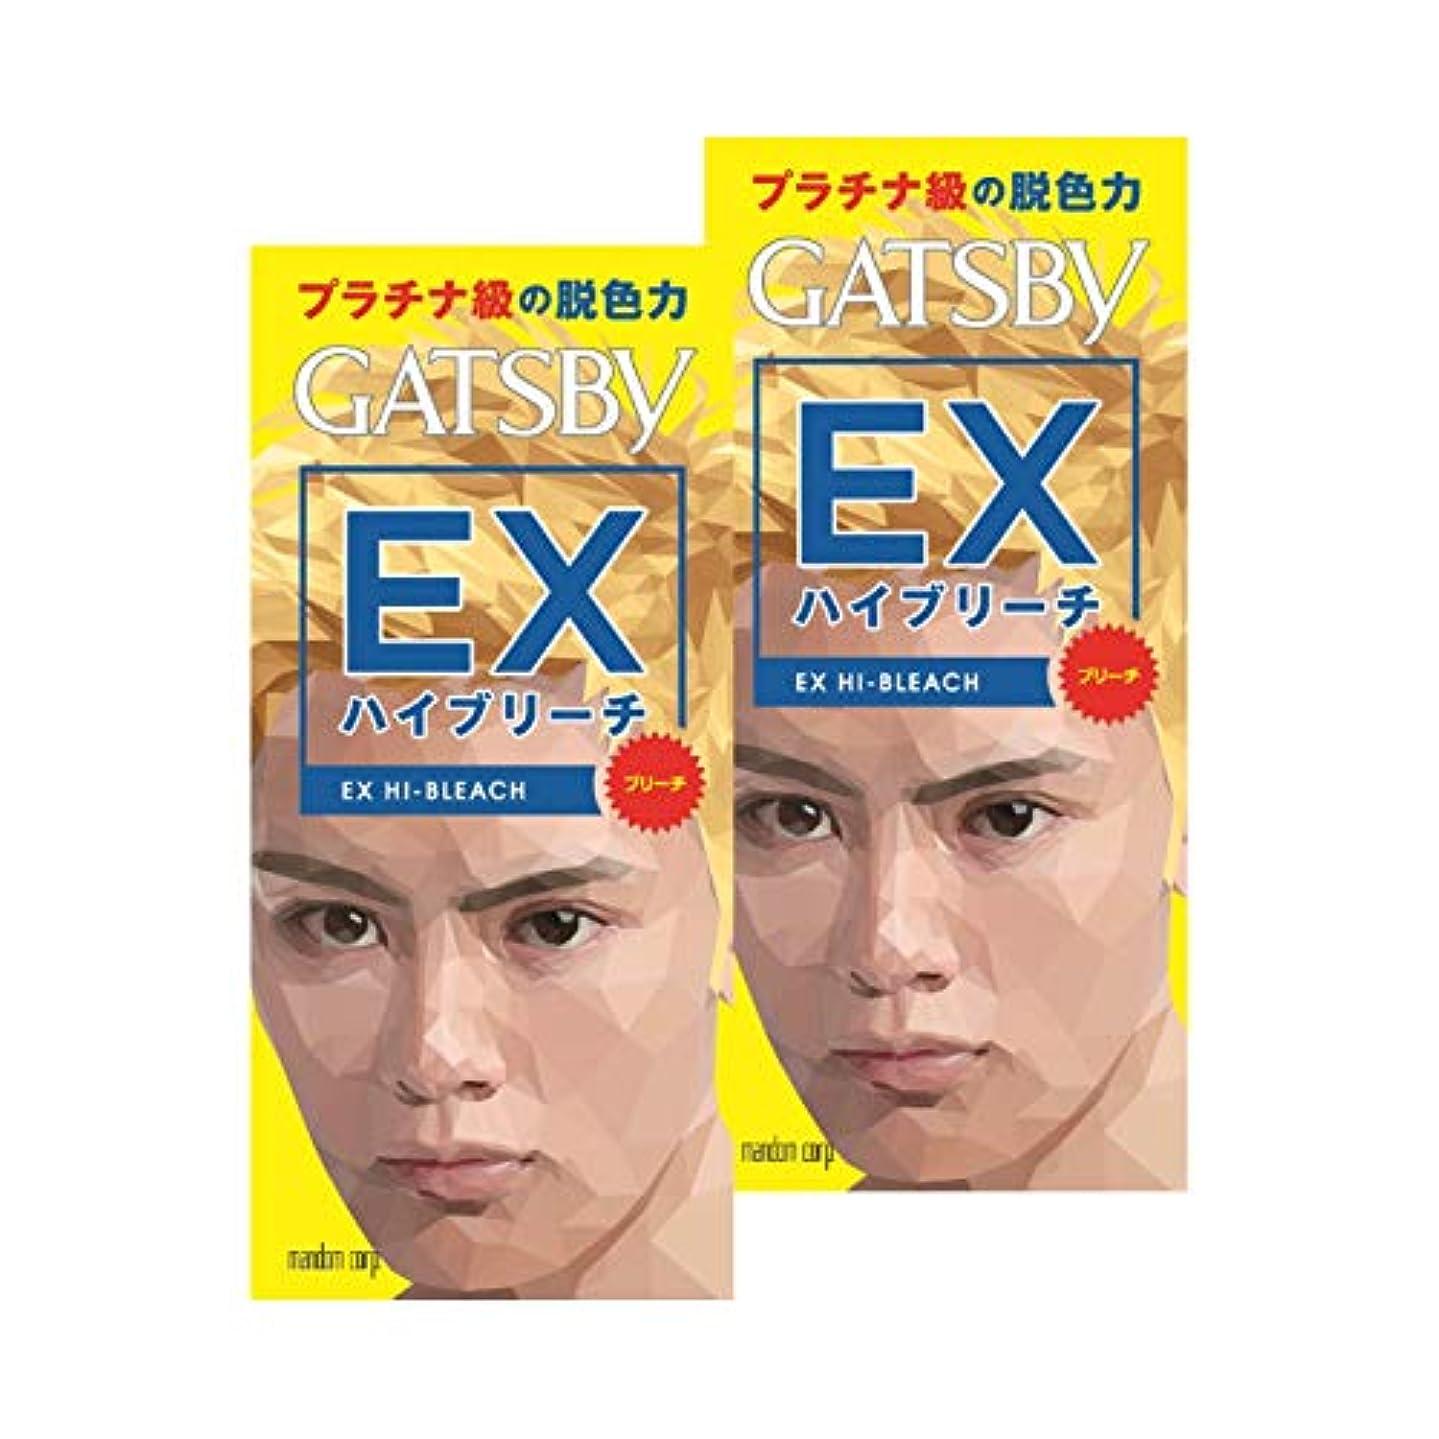 製油所掃除天気【まとめ買い】ギャツビー (GATSBY) EXハイブリーチ 2個パック メンズ用 ブリーチ剤 ミディアムヘア約2回分 (医薬部外品)